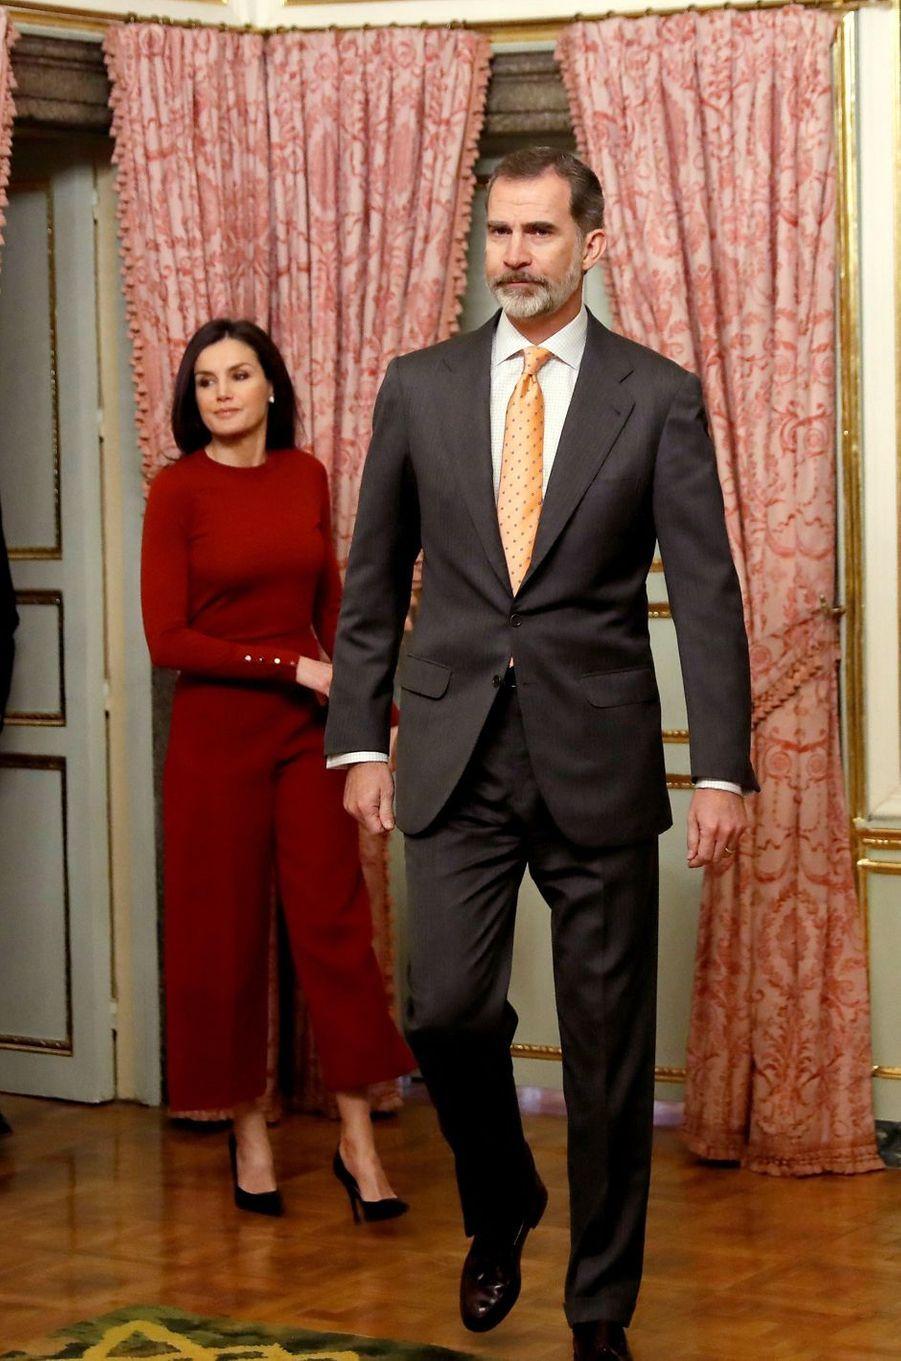 La reine Letizia et le roi Felipe VI d'Espagne au palais du Pardo, le 21 mars 2019 à Madrid